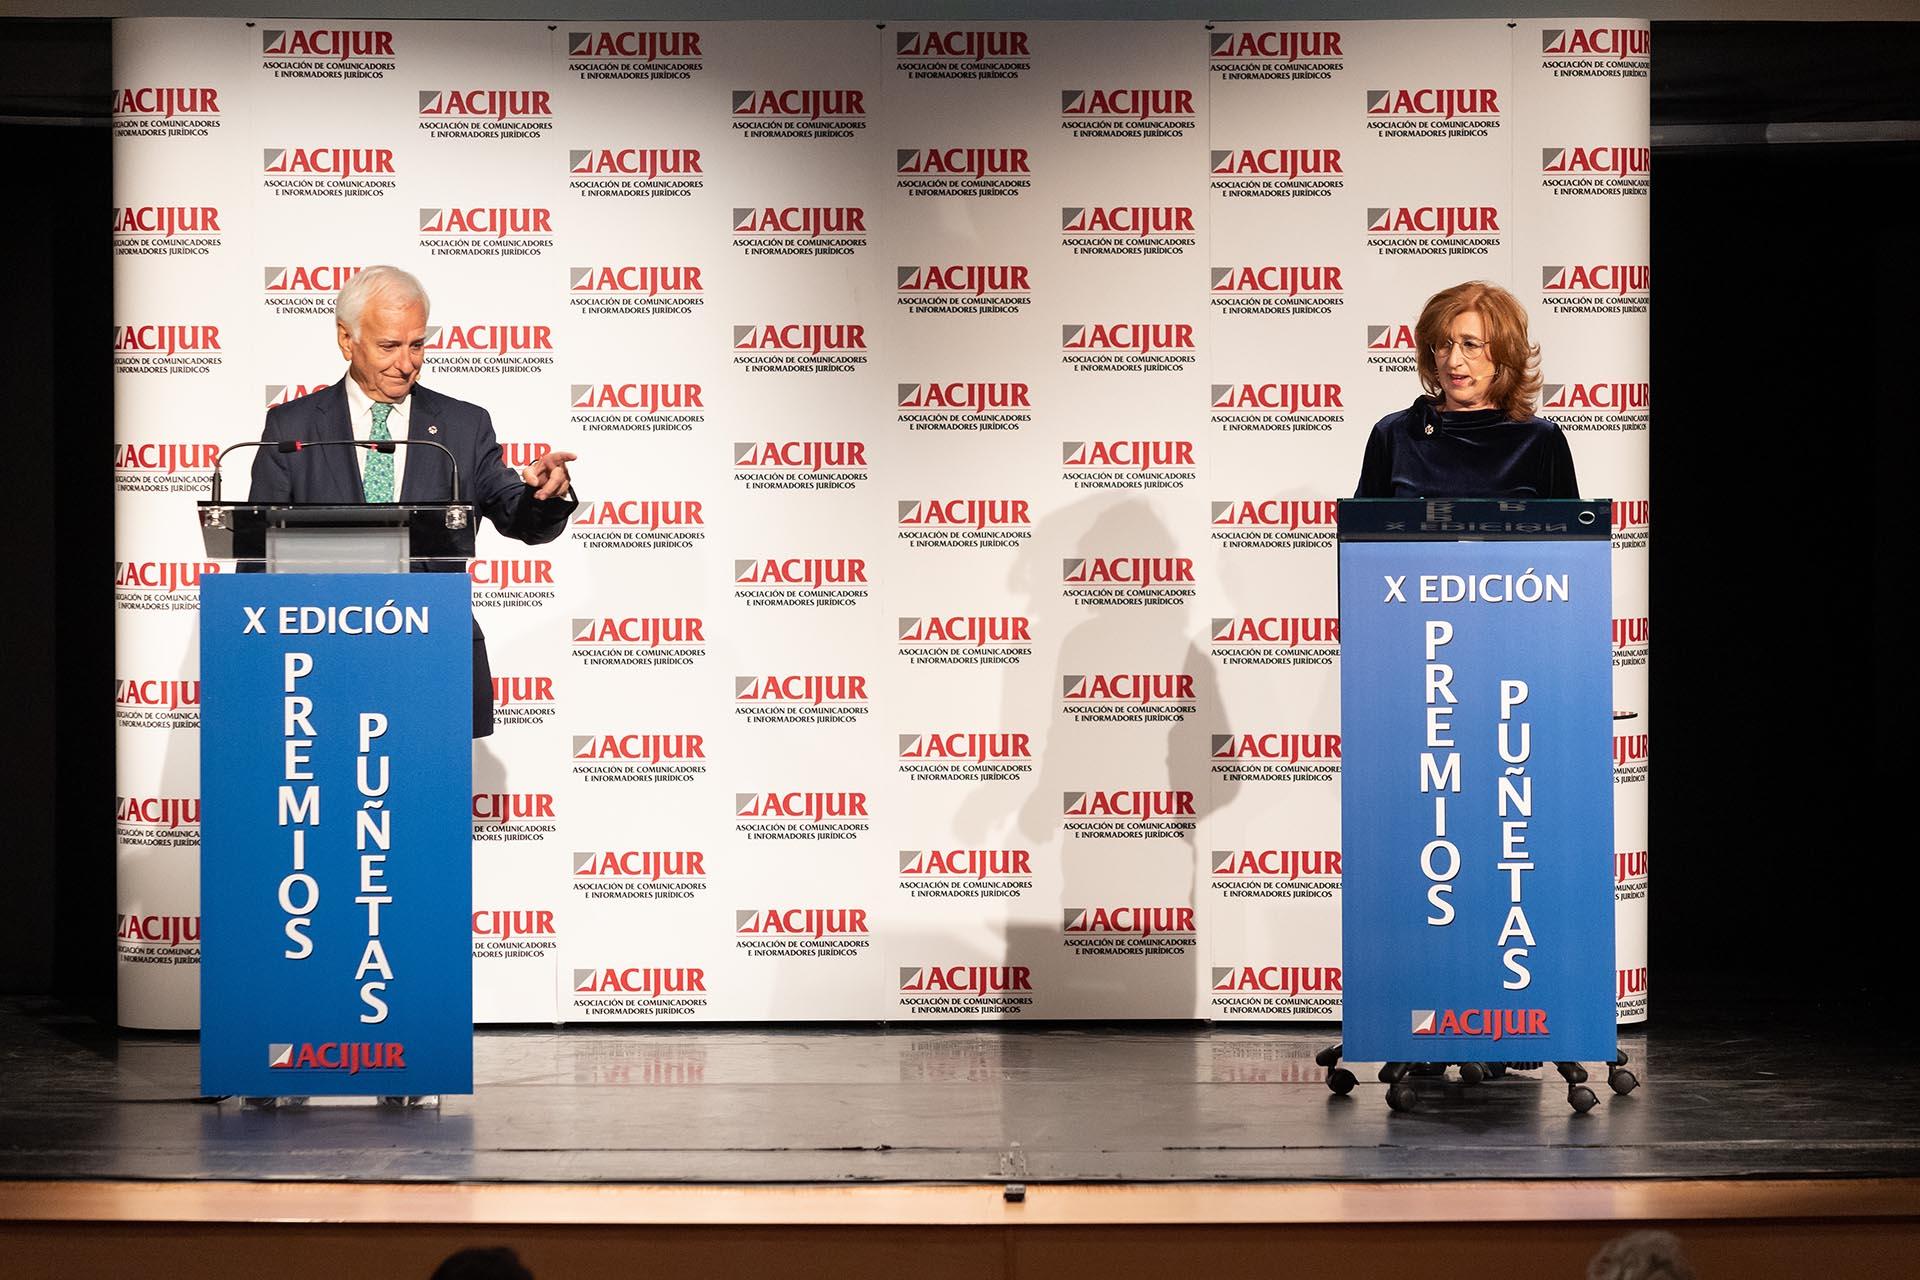 Patricia Rosety y Francisco Muro introducen el premio Puñetas Periféricas.